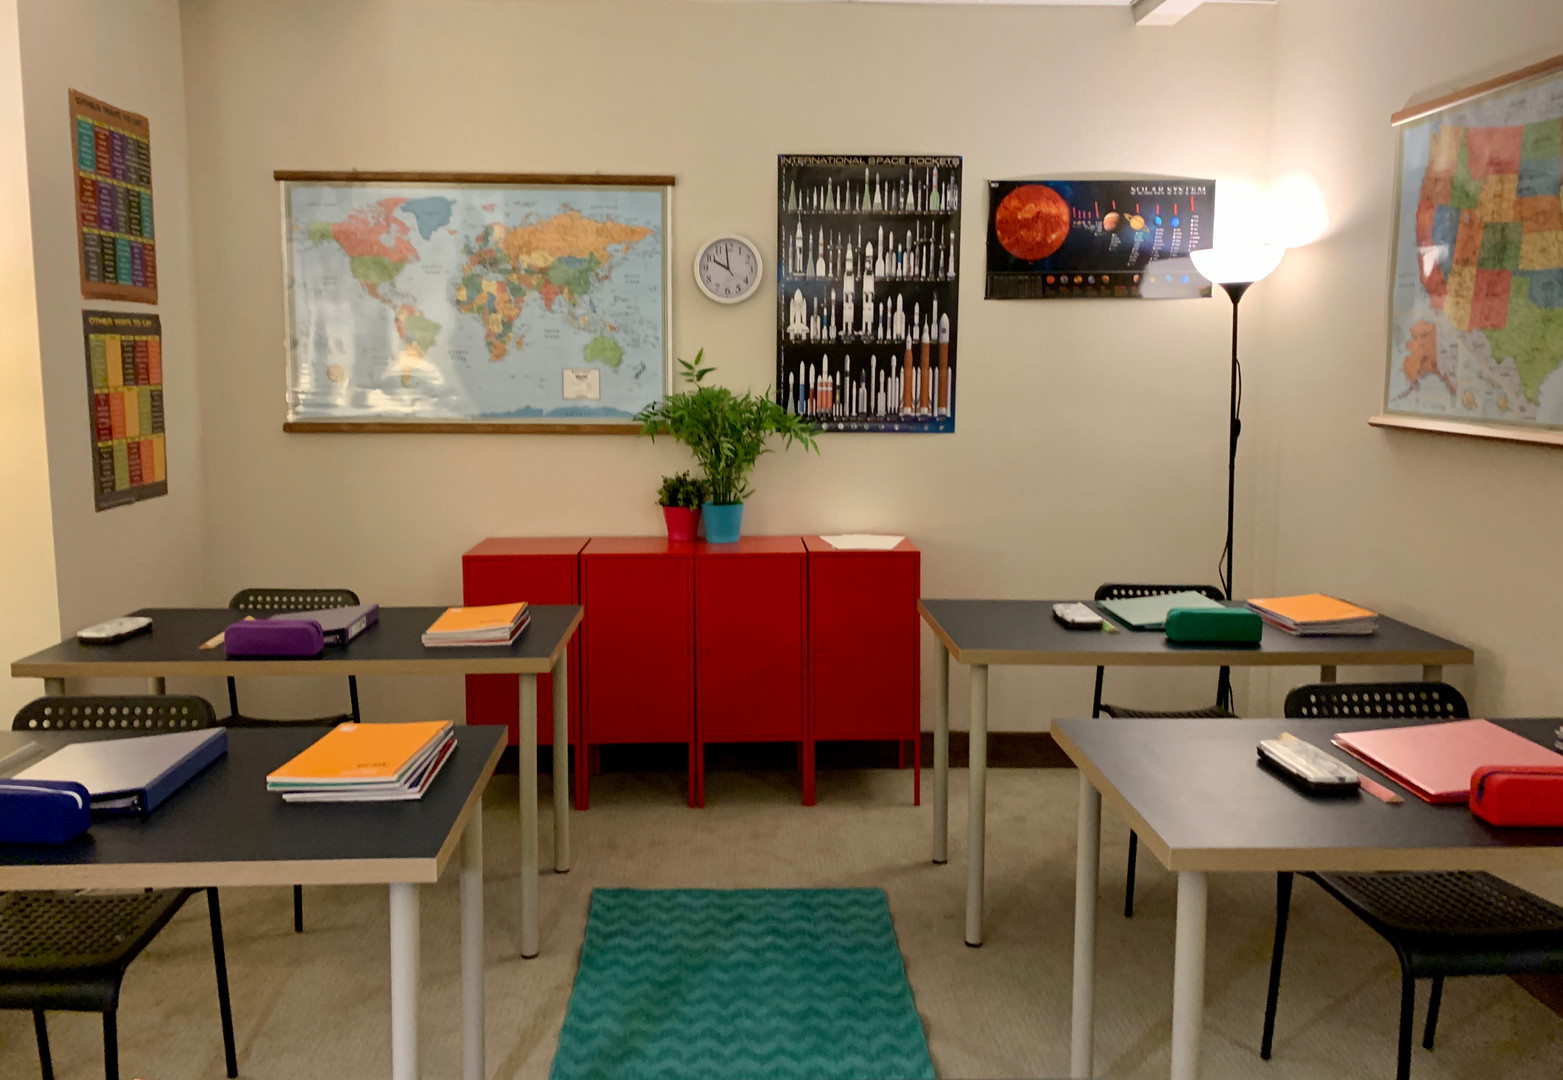 3rd grade room.jpeg